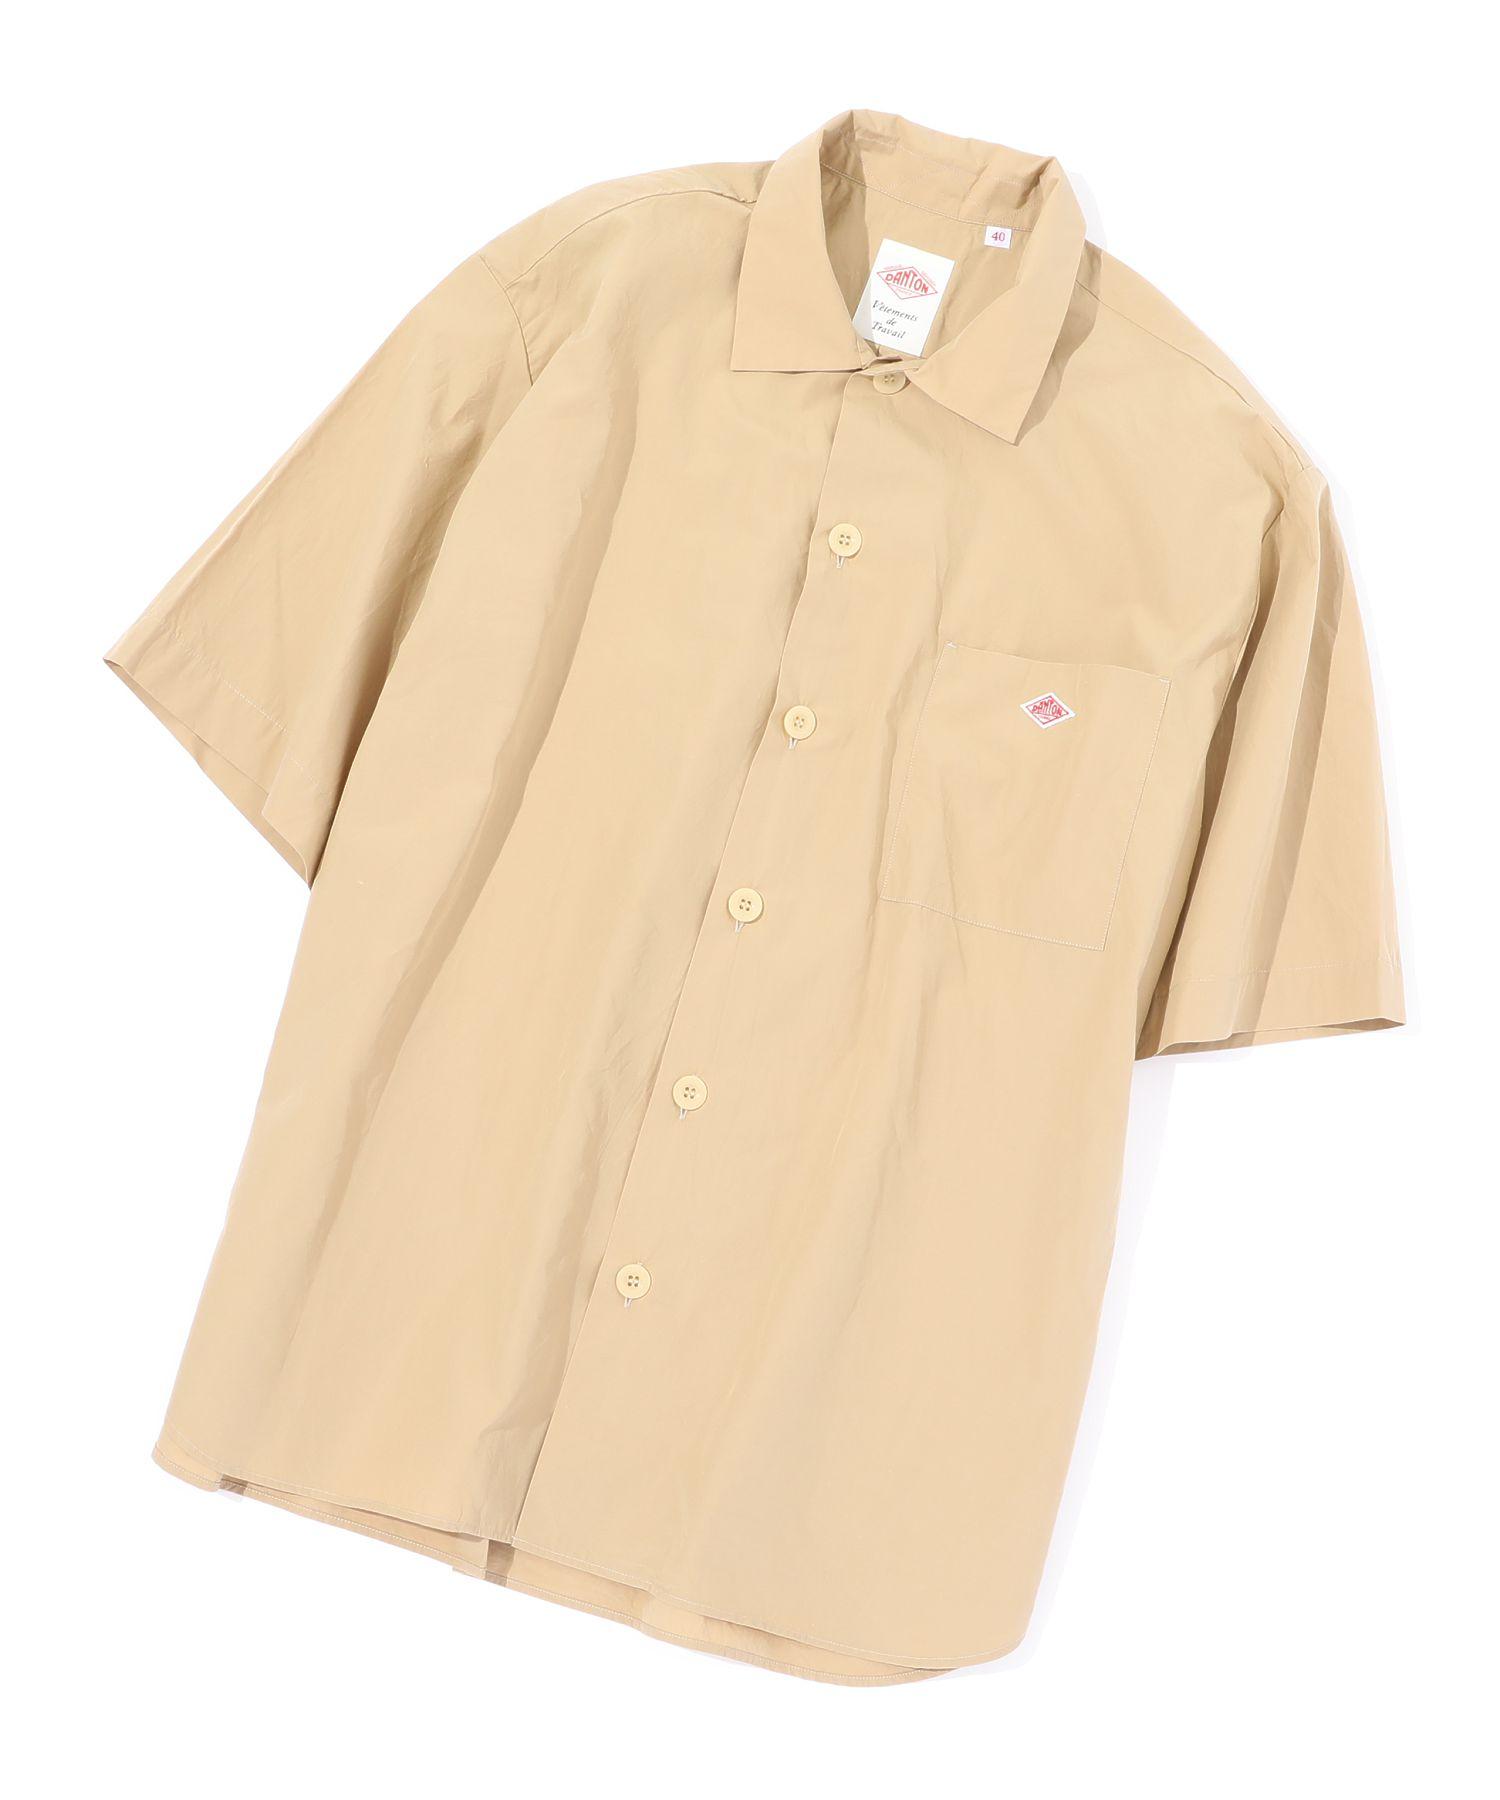 ダントン DANTON / コットンポプリン半袖ワイドシャツ Cotton Poplin SS Wide Shirt